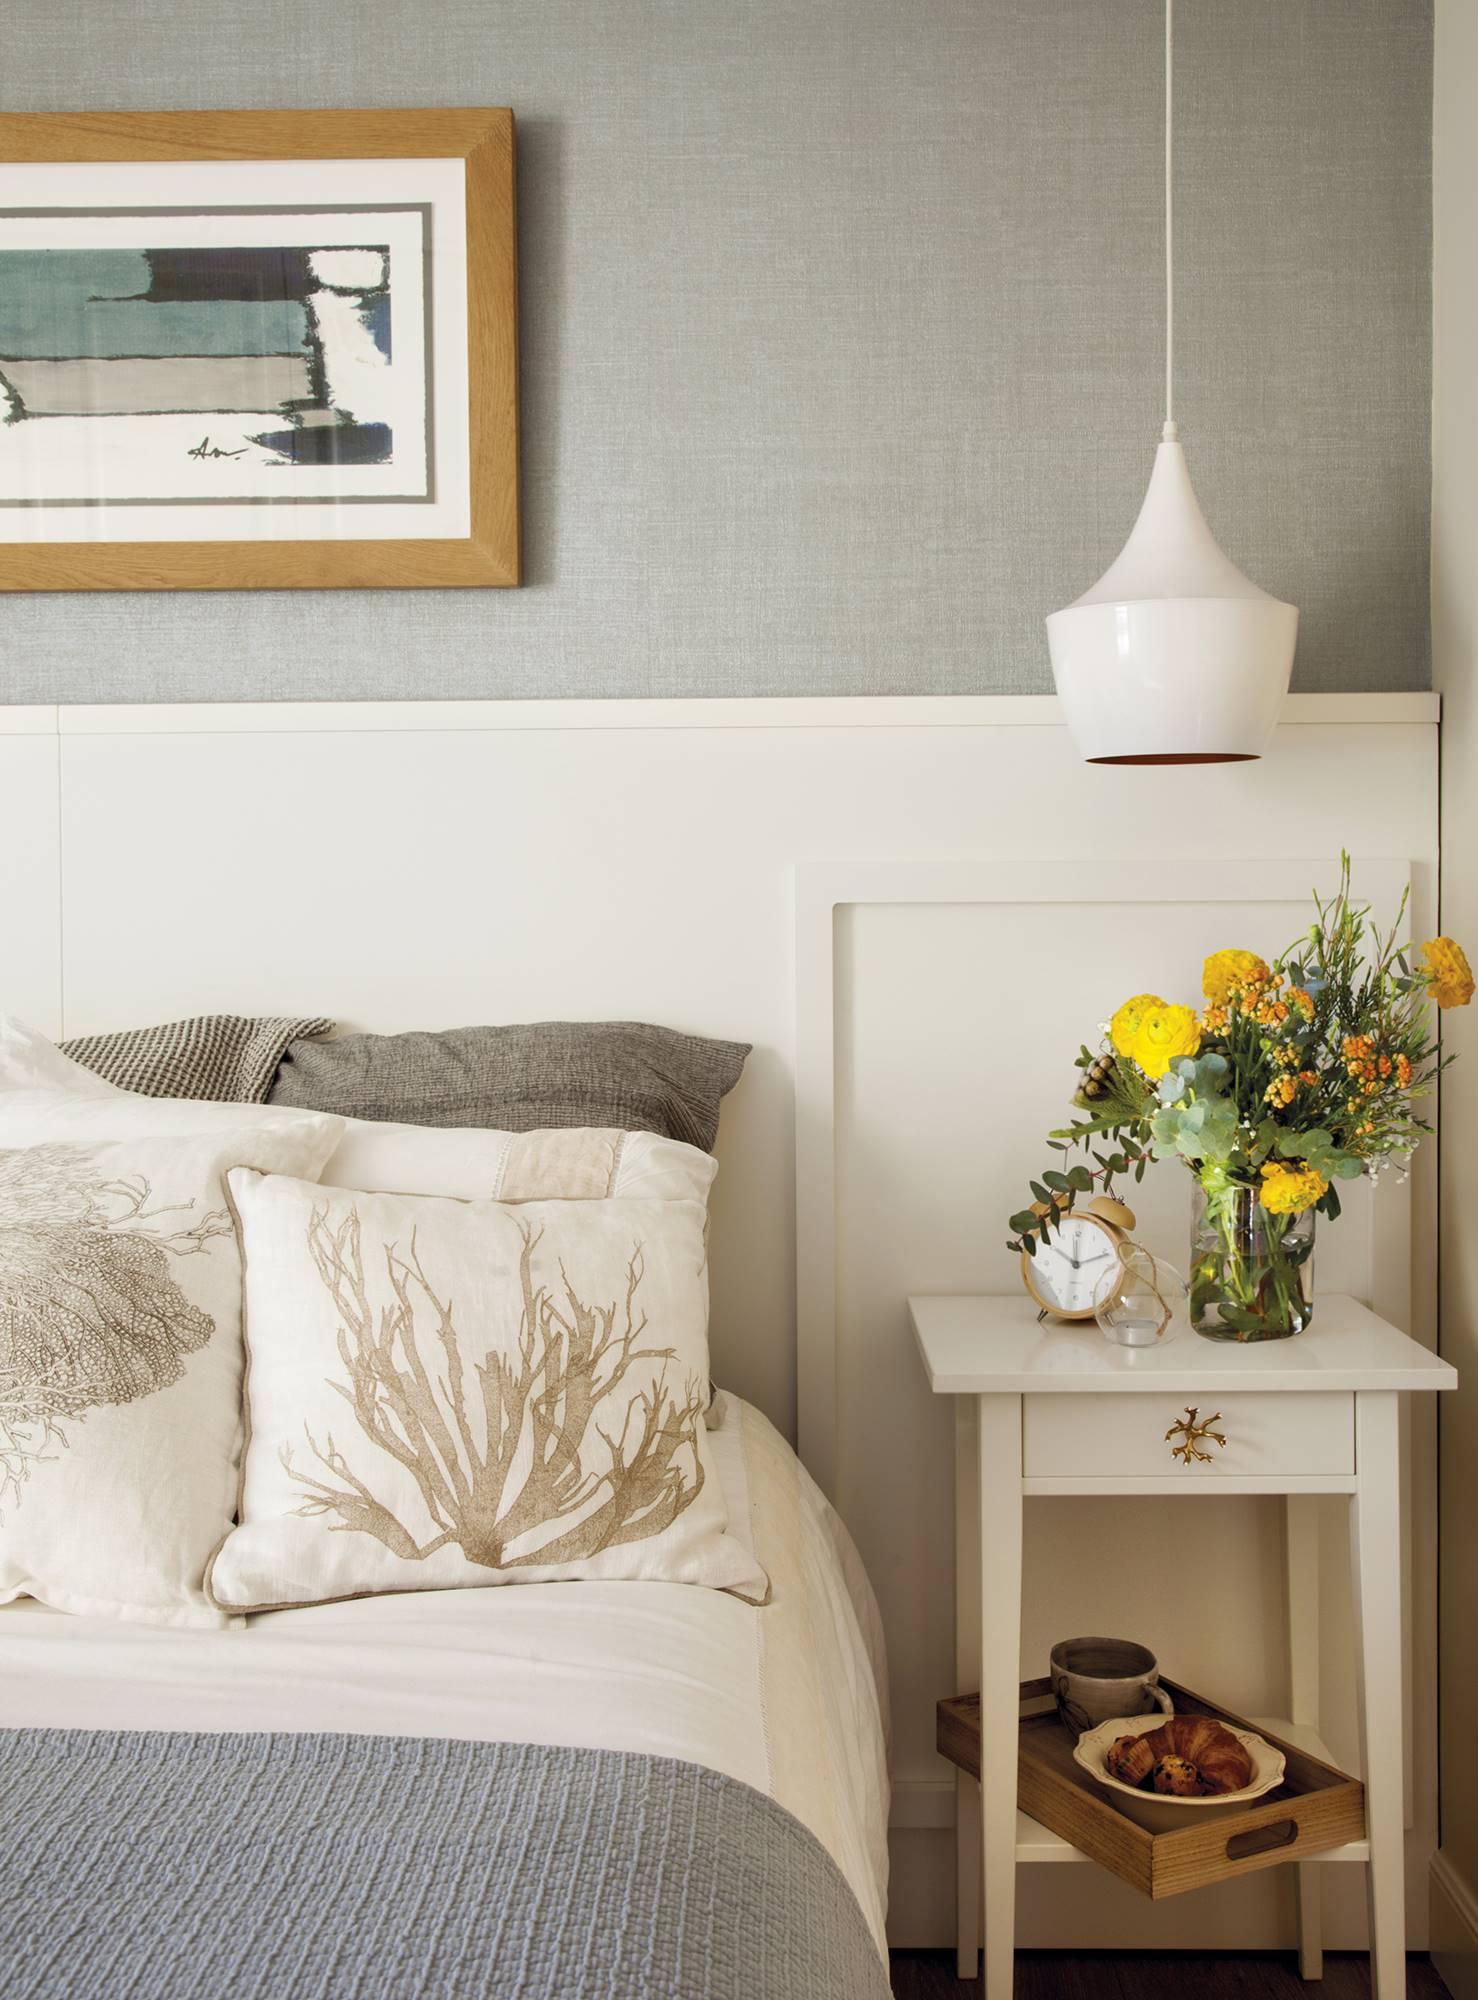 3728 fotos de dormitorios pagina 2 - Dormitorios con papel pintado ...